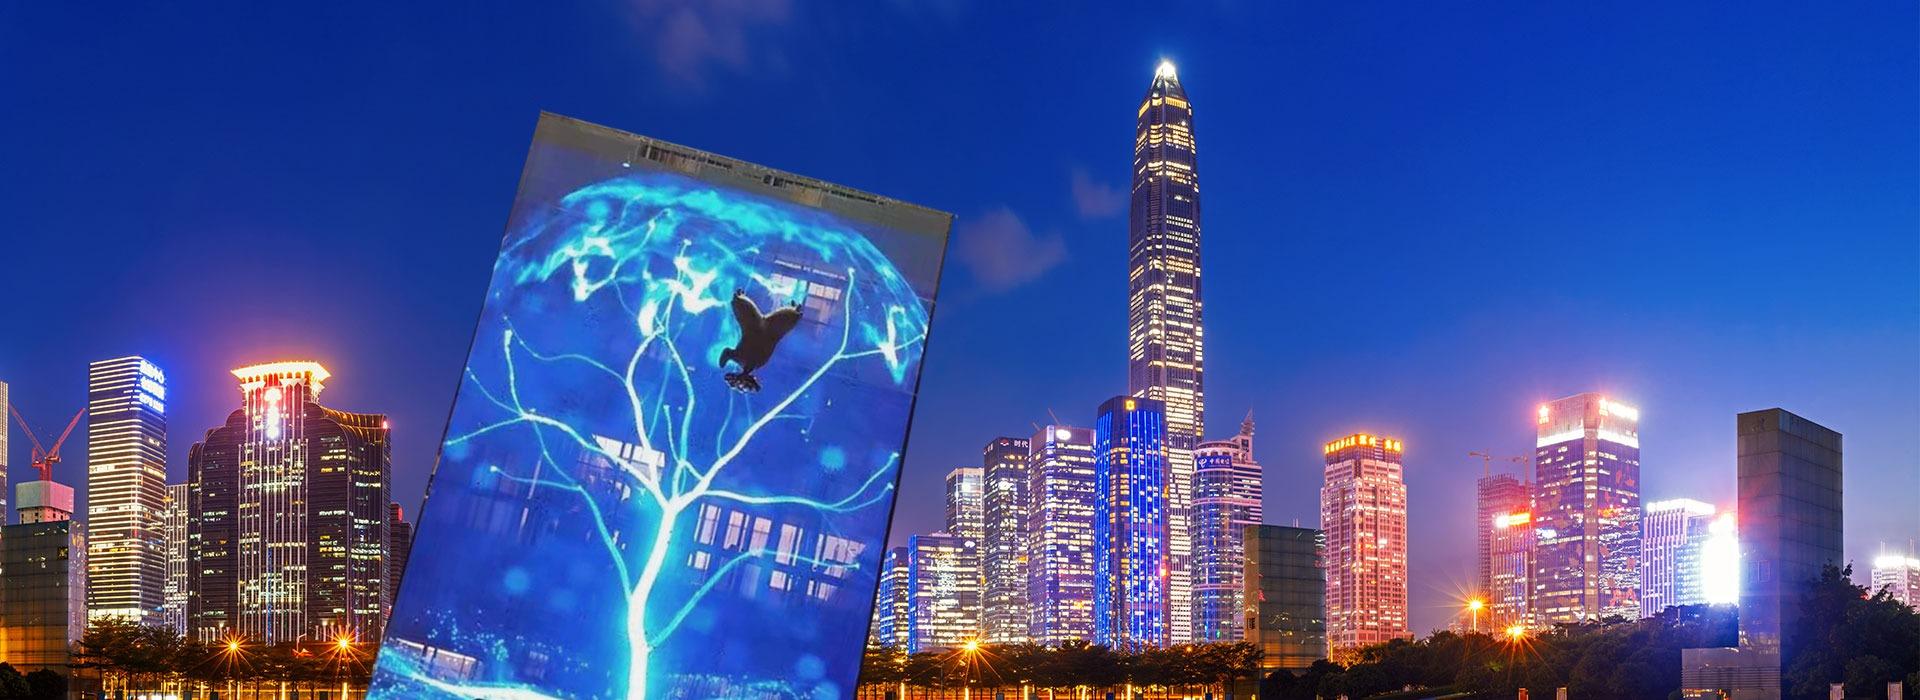 led透明屏,适用于大型玻璃幕墙